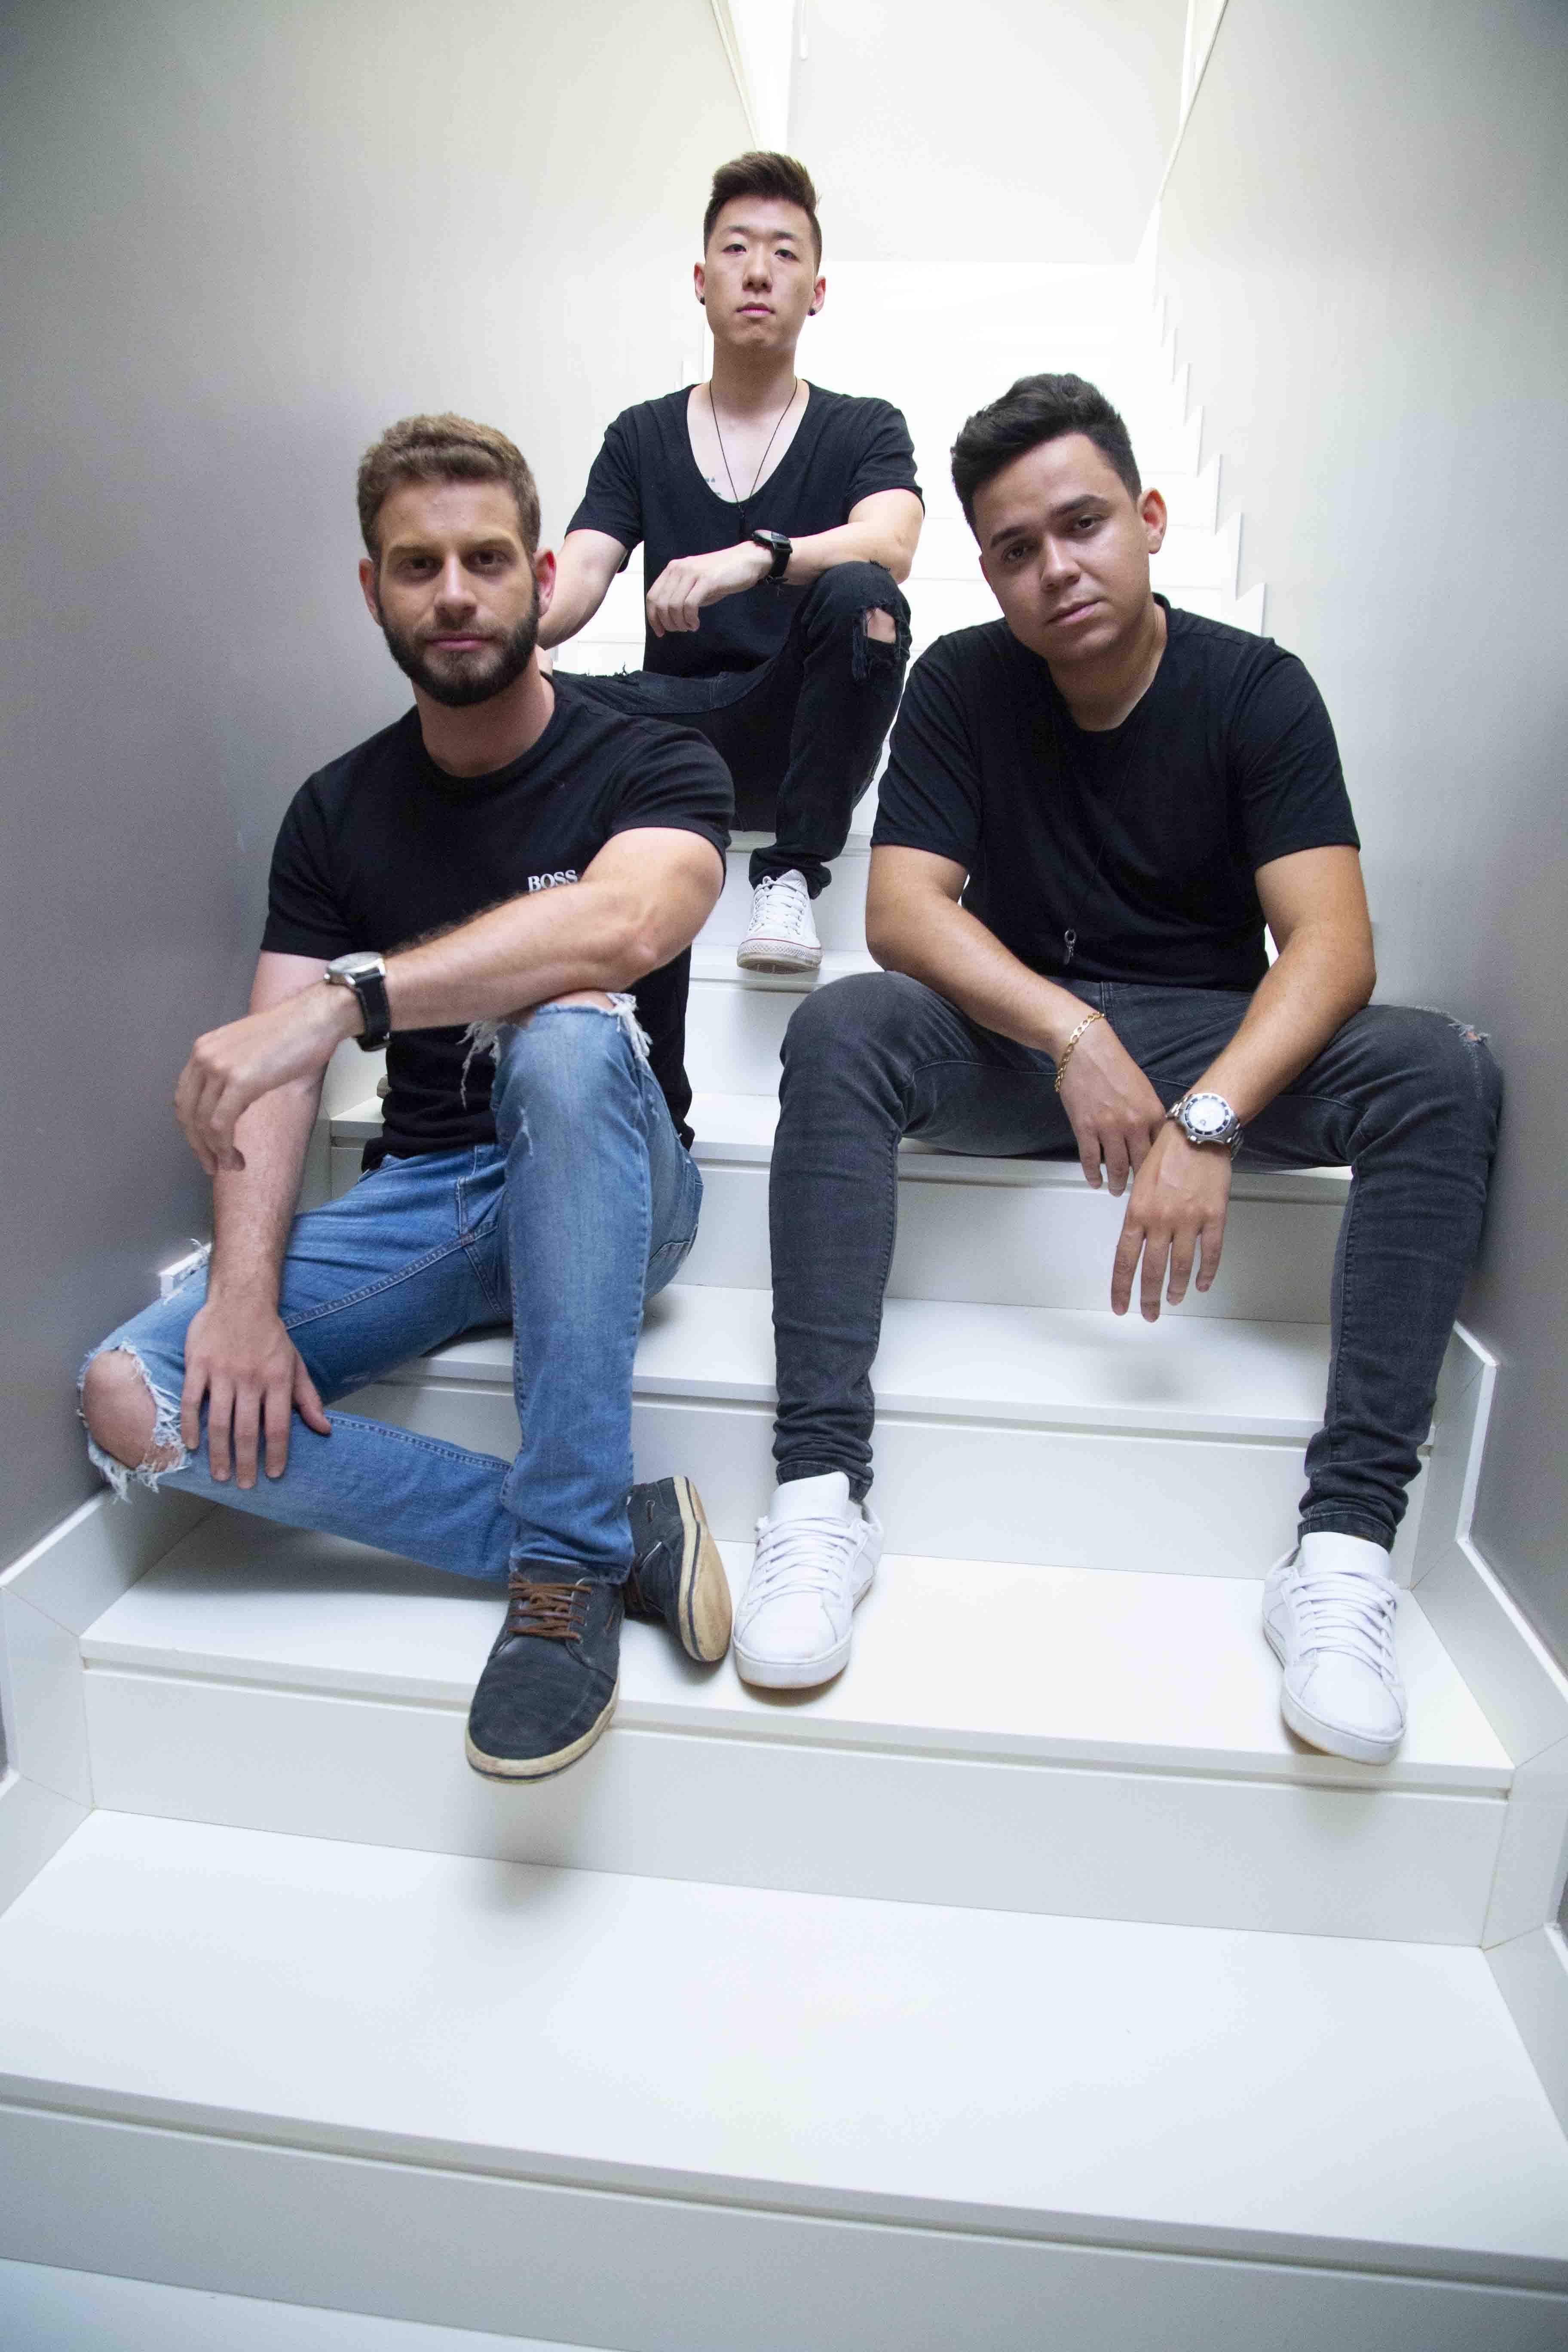 Membros da banda SZN , trio de música pop eletrônica